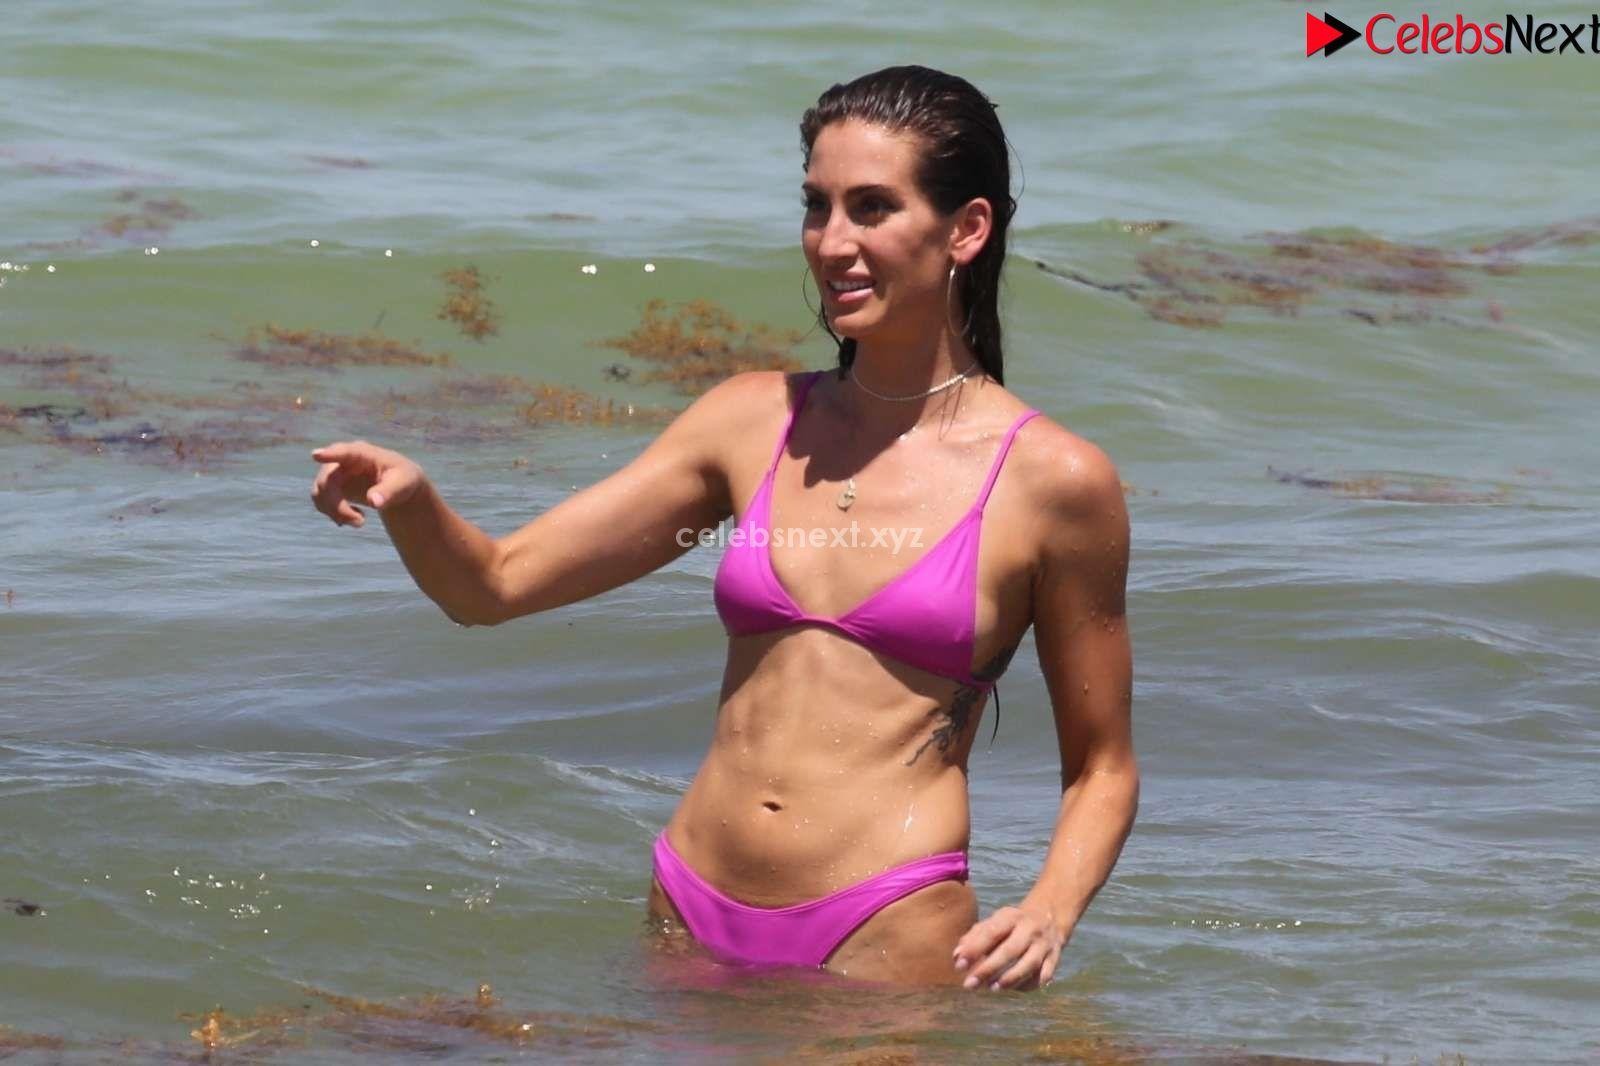 Kaylee Ricciardi in Pink Bikini Booty ass Butts Boobs in Bikini July 2018 ~ CelebrityBooty.co Exclusive Celebrity Pics